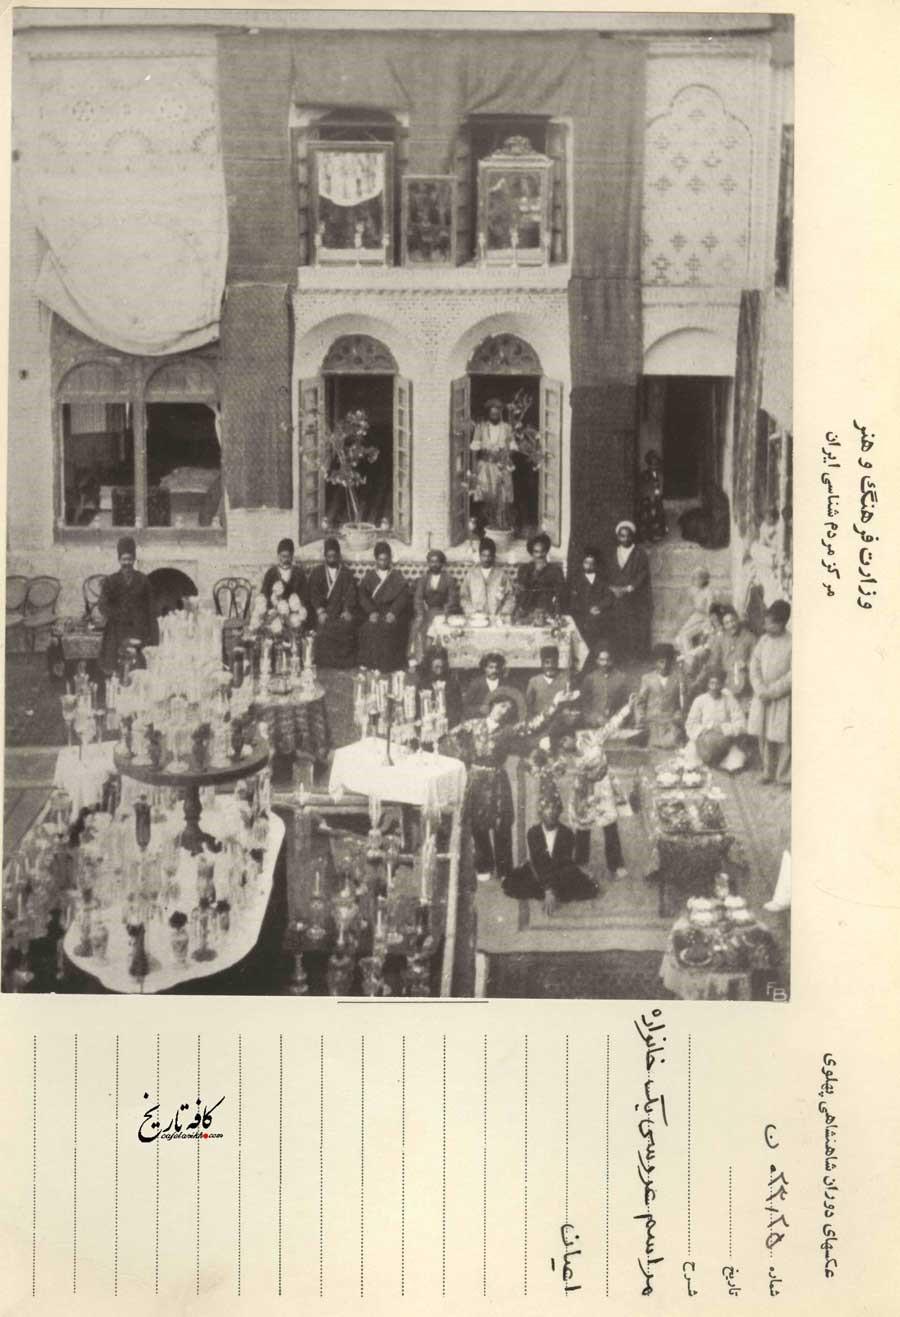 مراسم عروسی یک خانواده اعیان در دوره قاجاریه